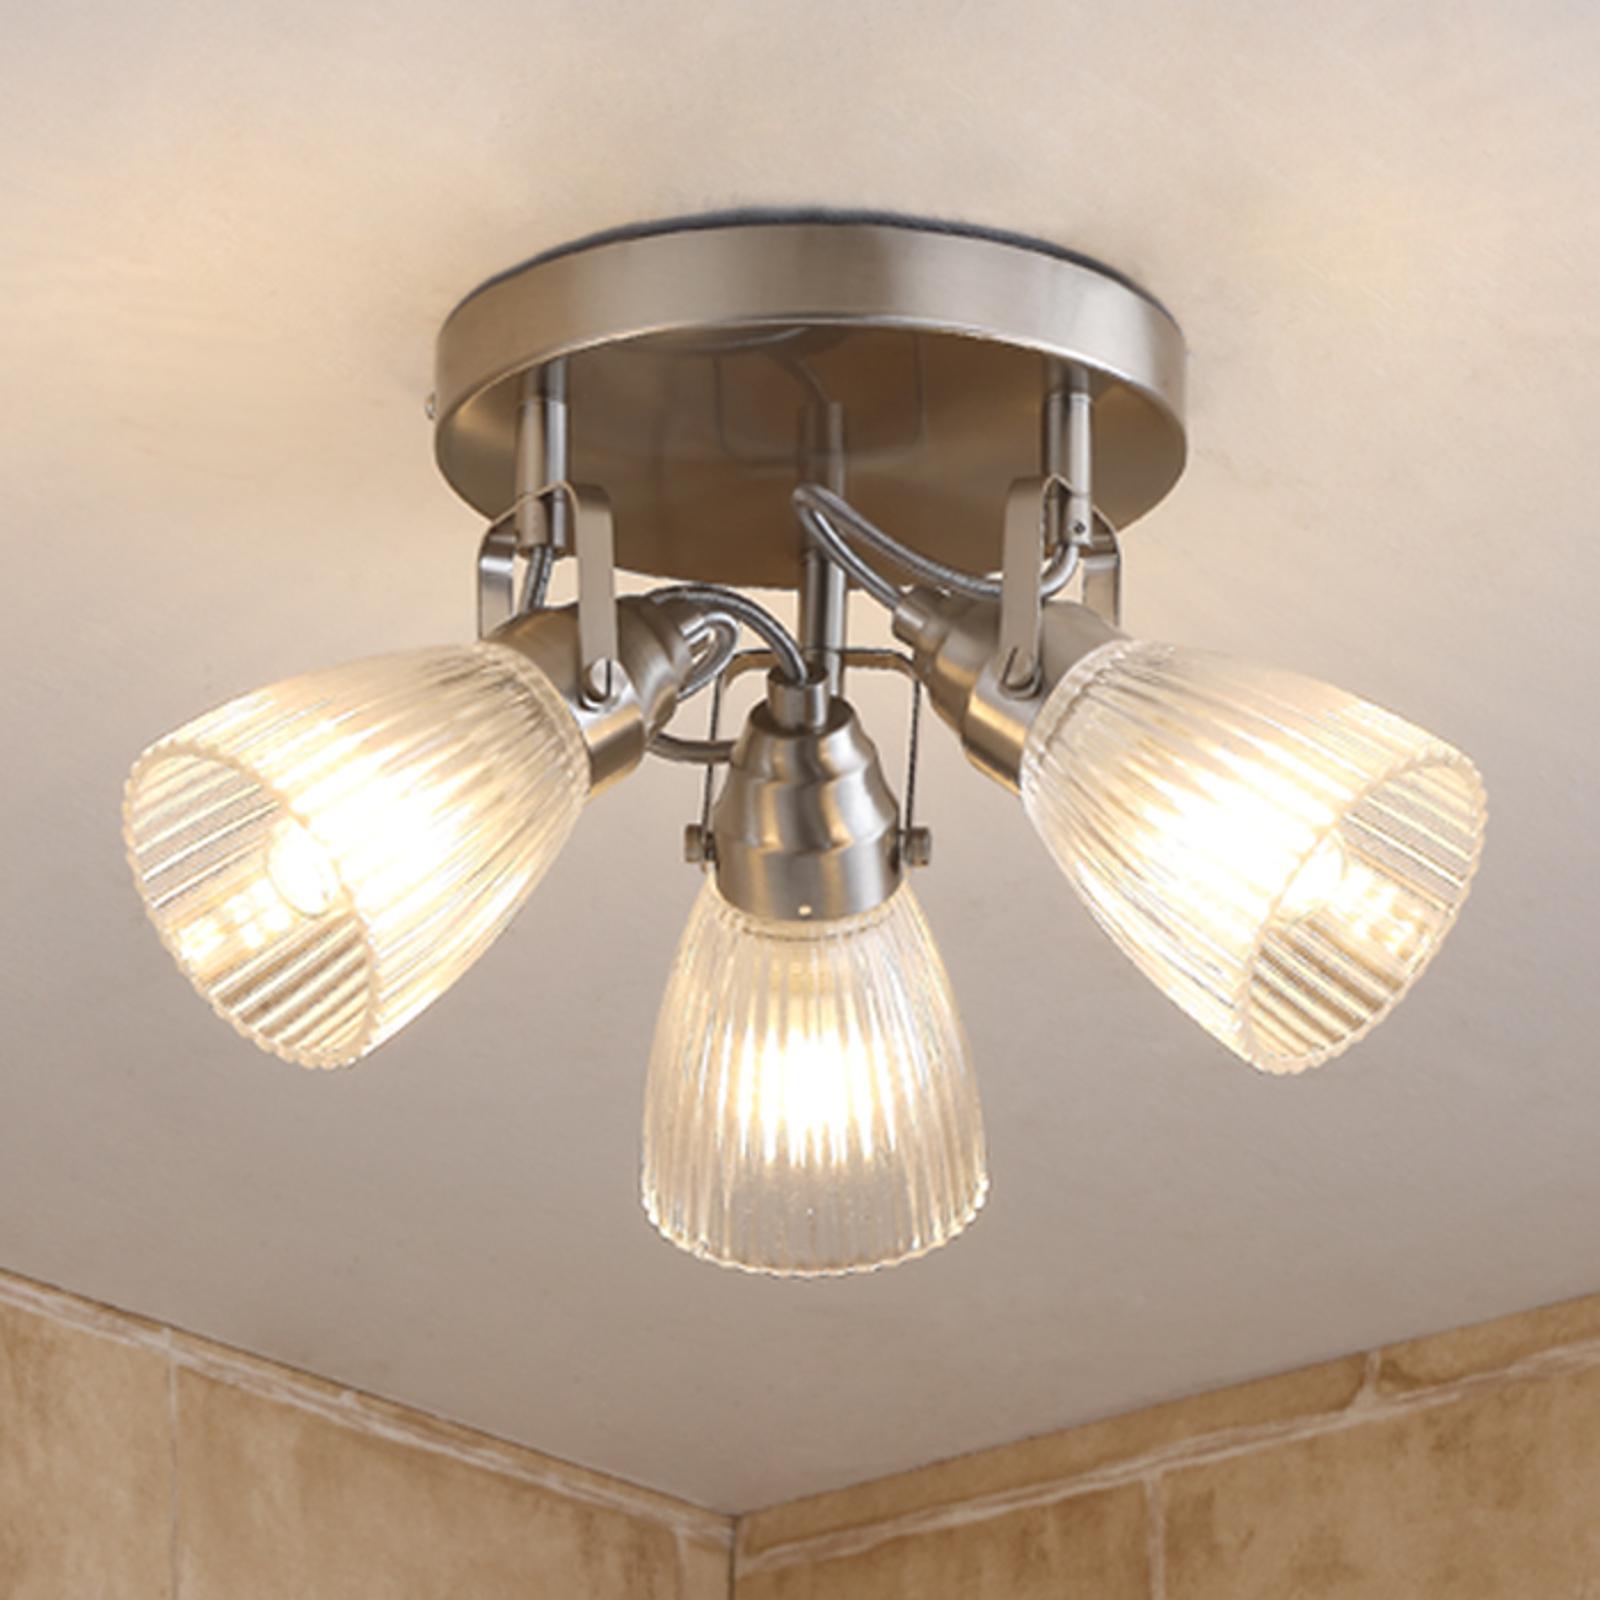 Bad-Deckenlampe Kara mit G9-LED, 3-flammig rund